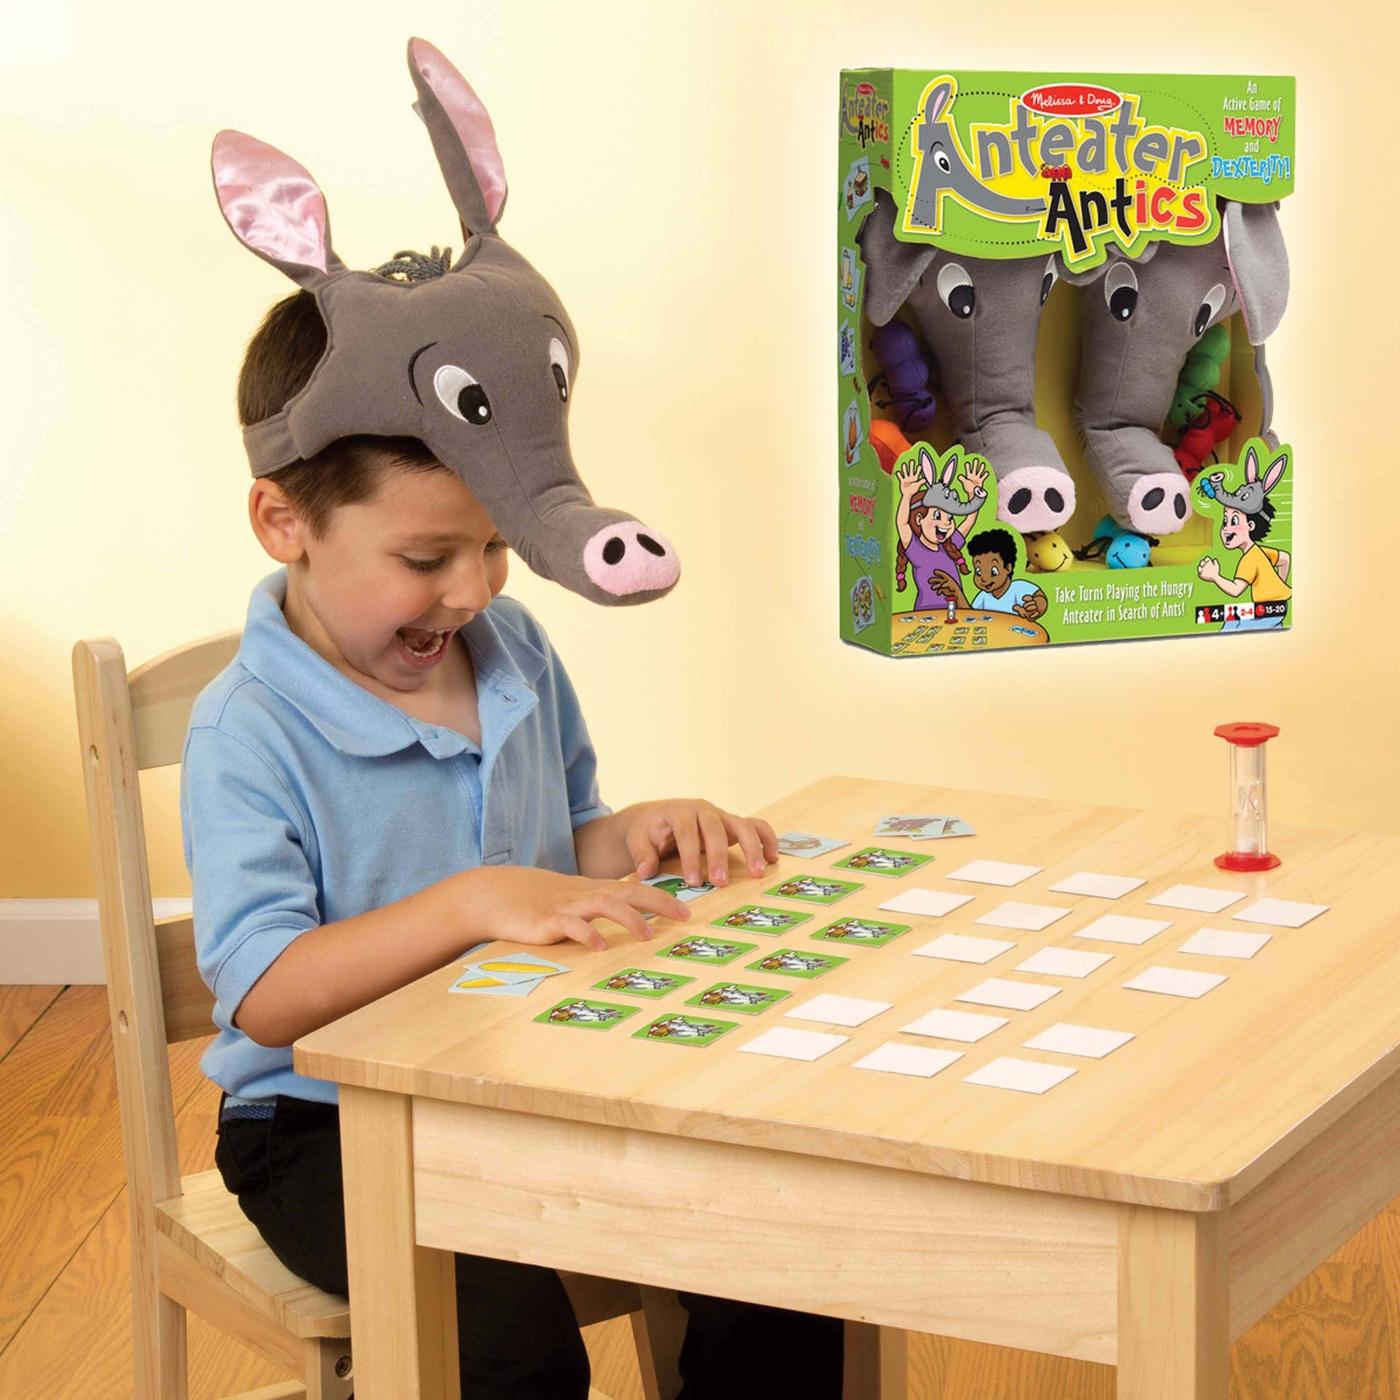 食蟻獸找食物 MD兒童幼兒教具玩具道具感官判別邏輯互動遊戲建構組裝創意發想學習手眼協調配對